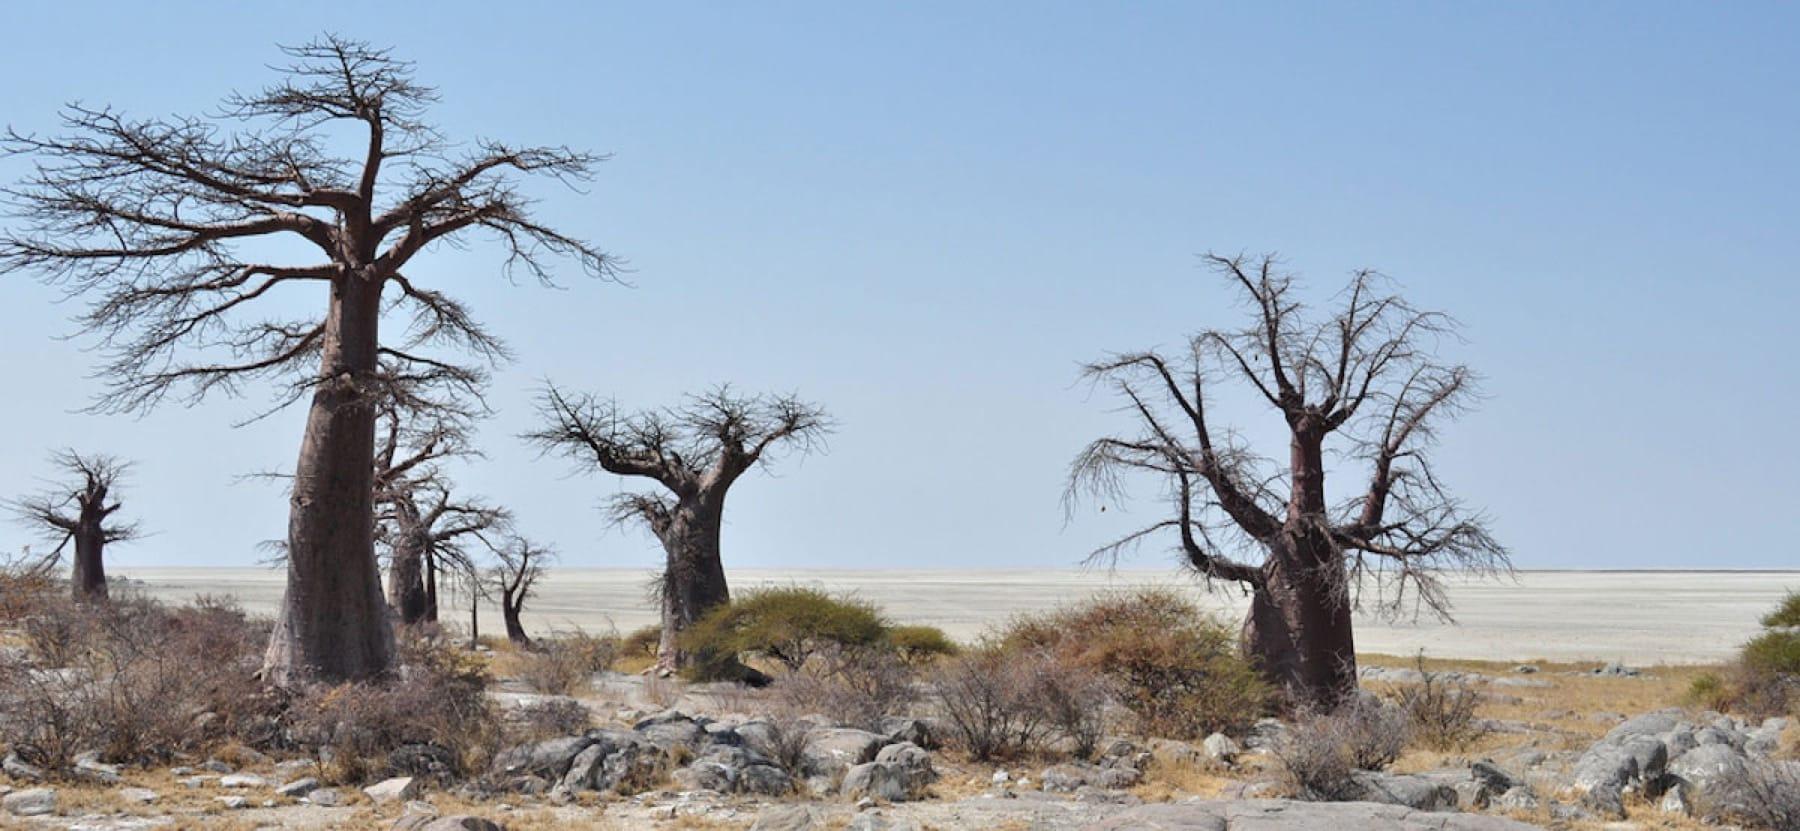 The baobabs on Kubu Island